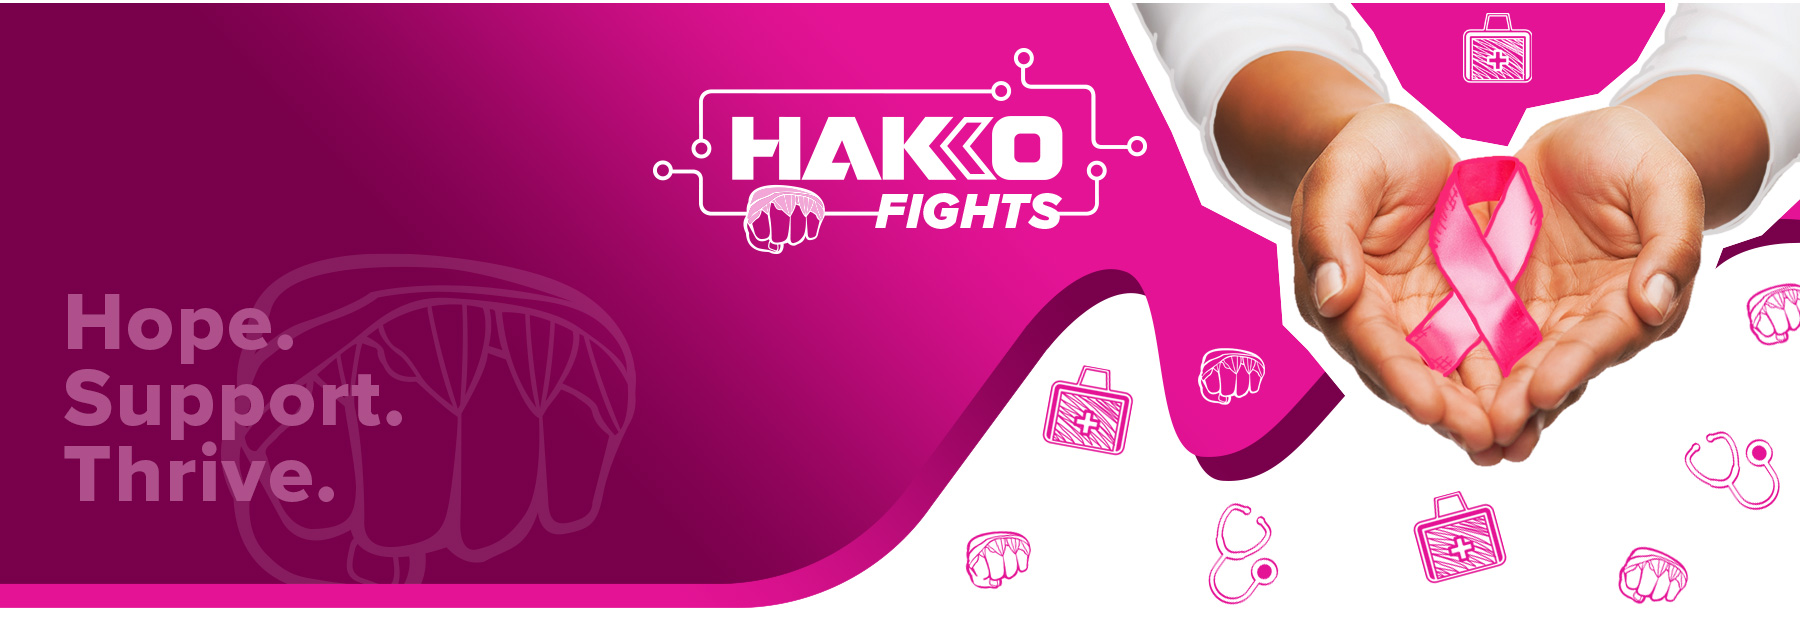 HAKKO-FIGHTS_Landing-PG2_03